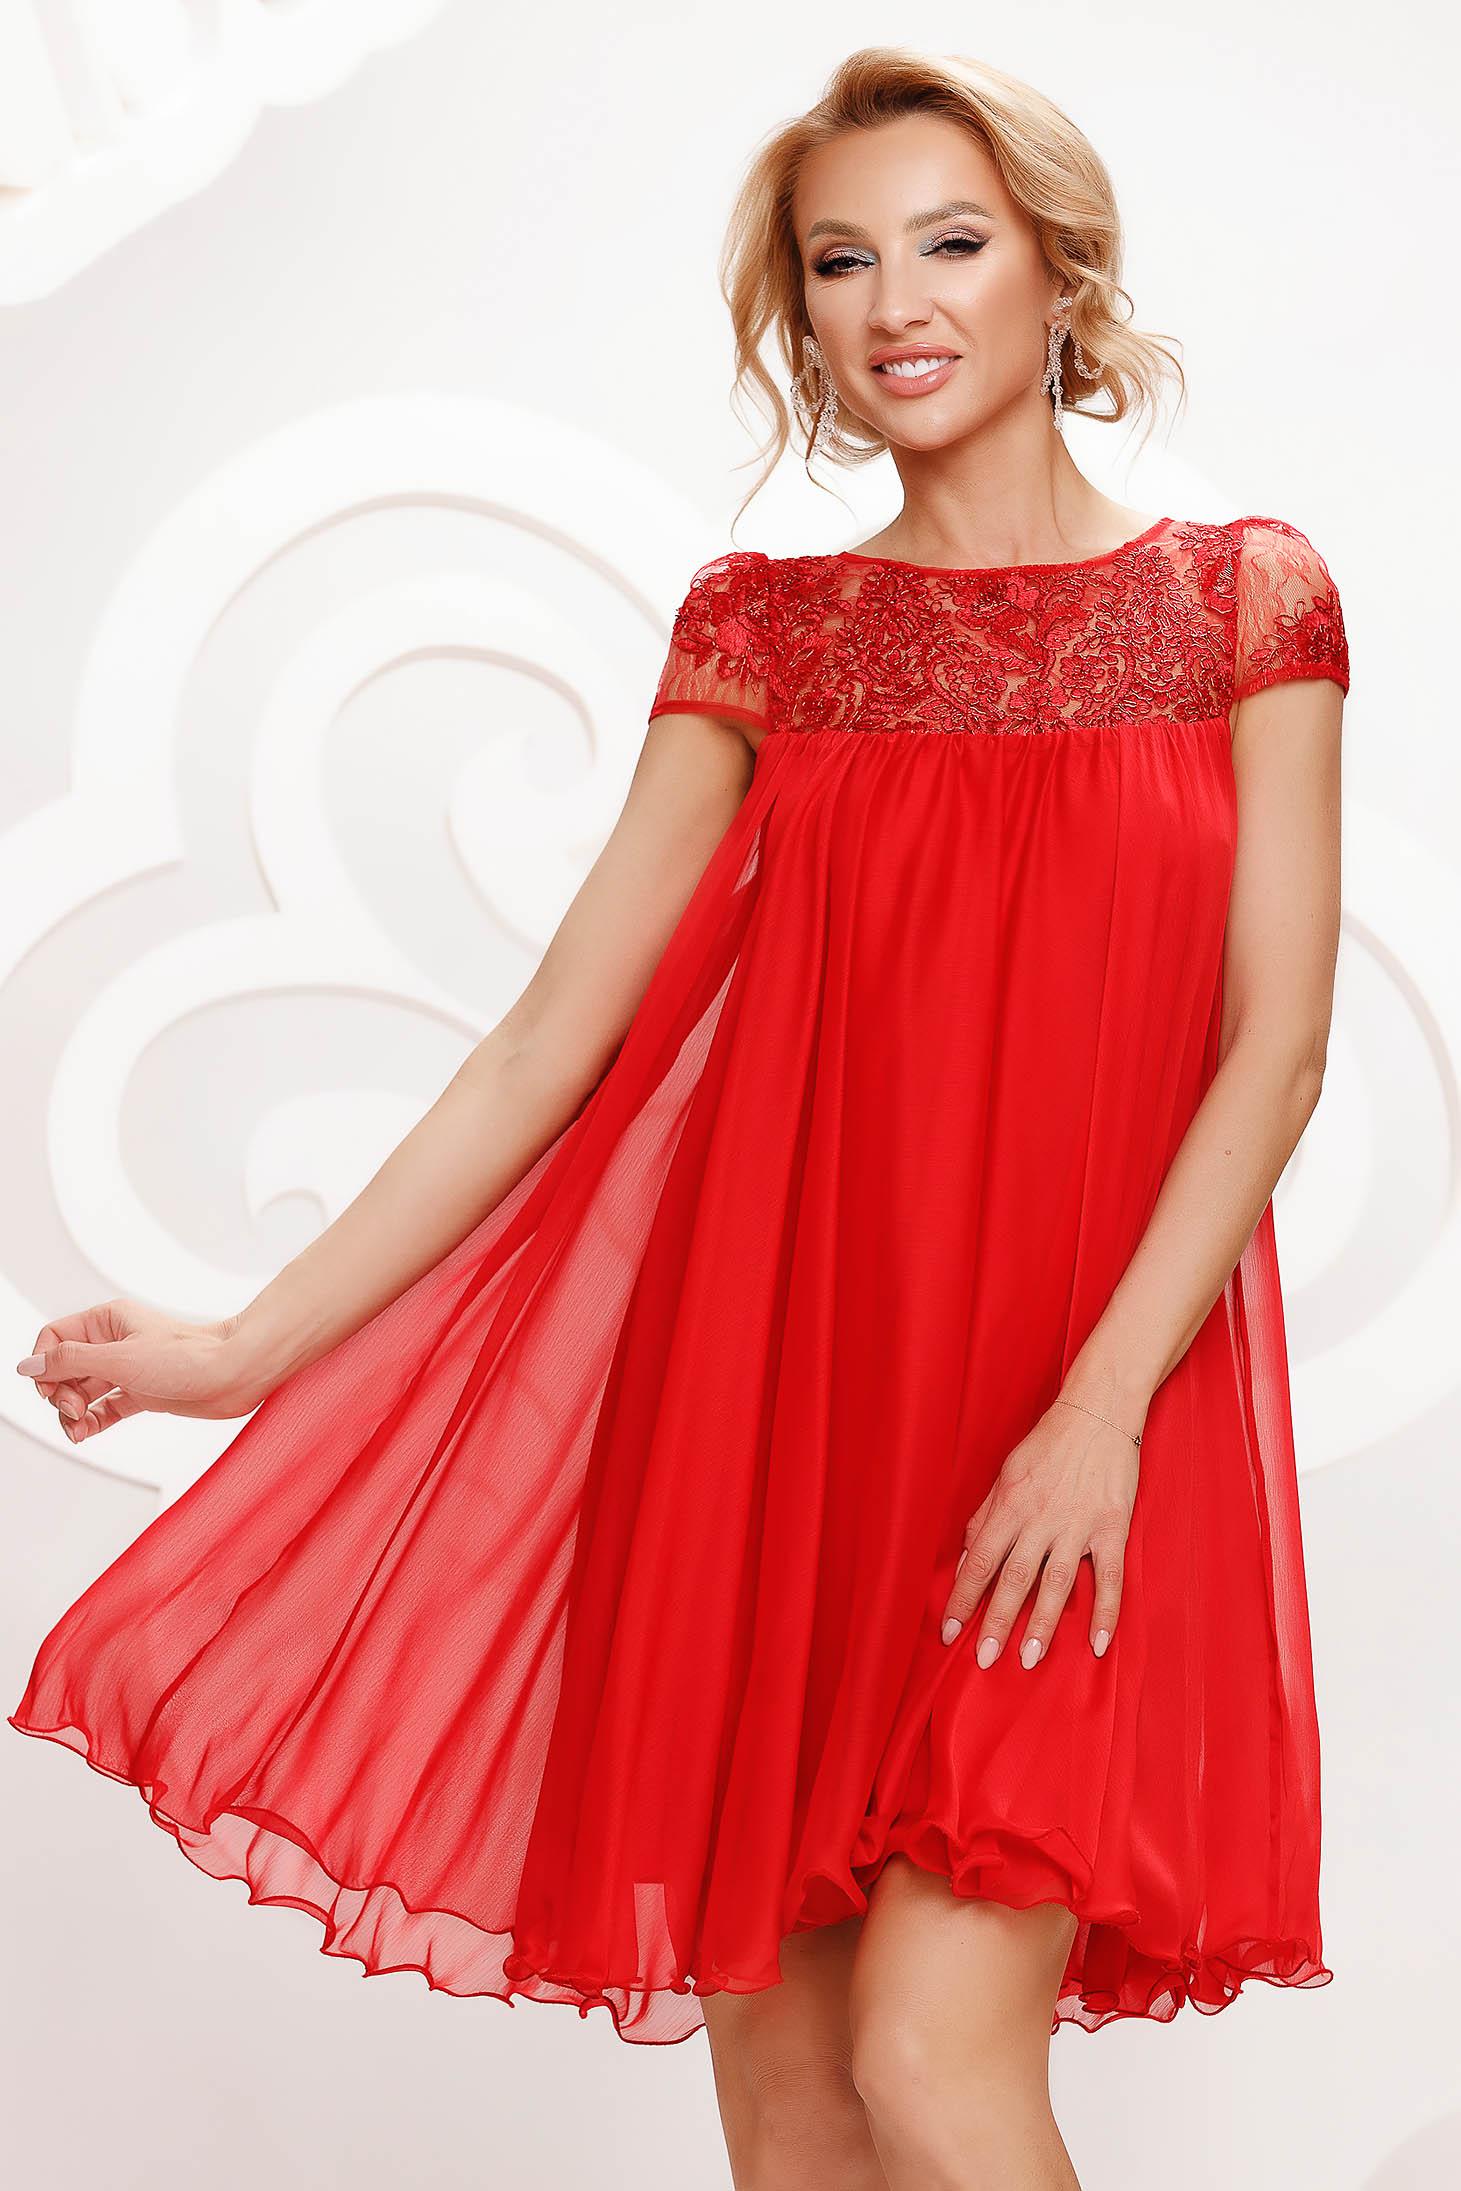 Alkalmi bő szabású rövid muszlin téglaszínű ruha csipke díszítéssel